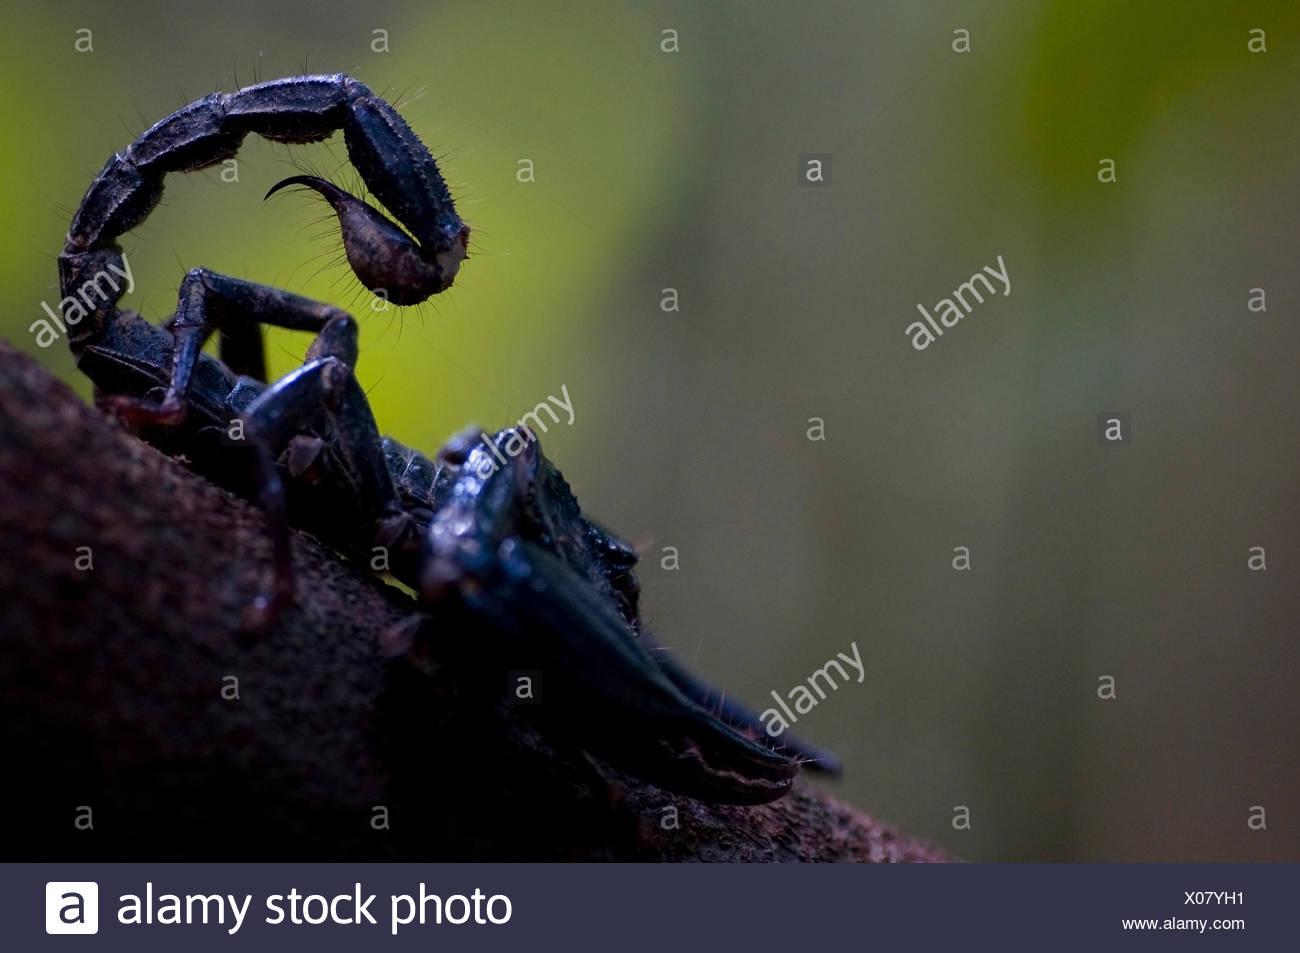 Bosque gigante asiático scorpion (Heterometrus longimanus) con la cola levantada, Sarawak, Borneo, Malasia Imagen De Stock